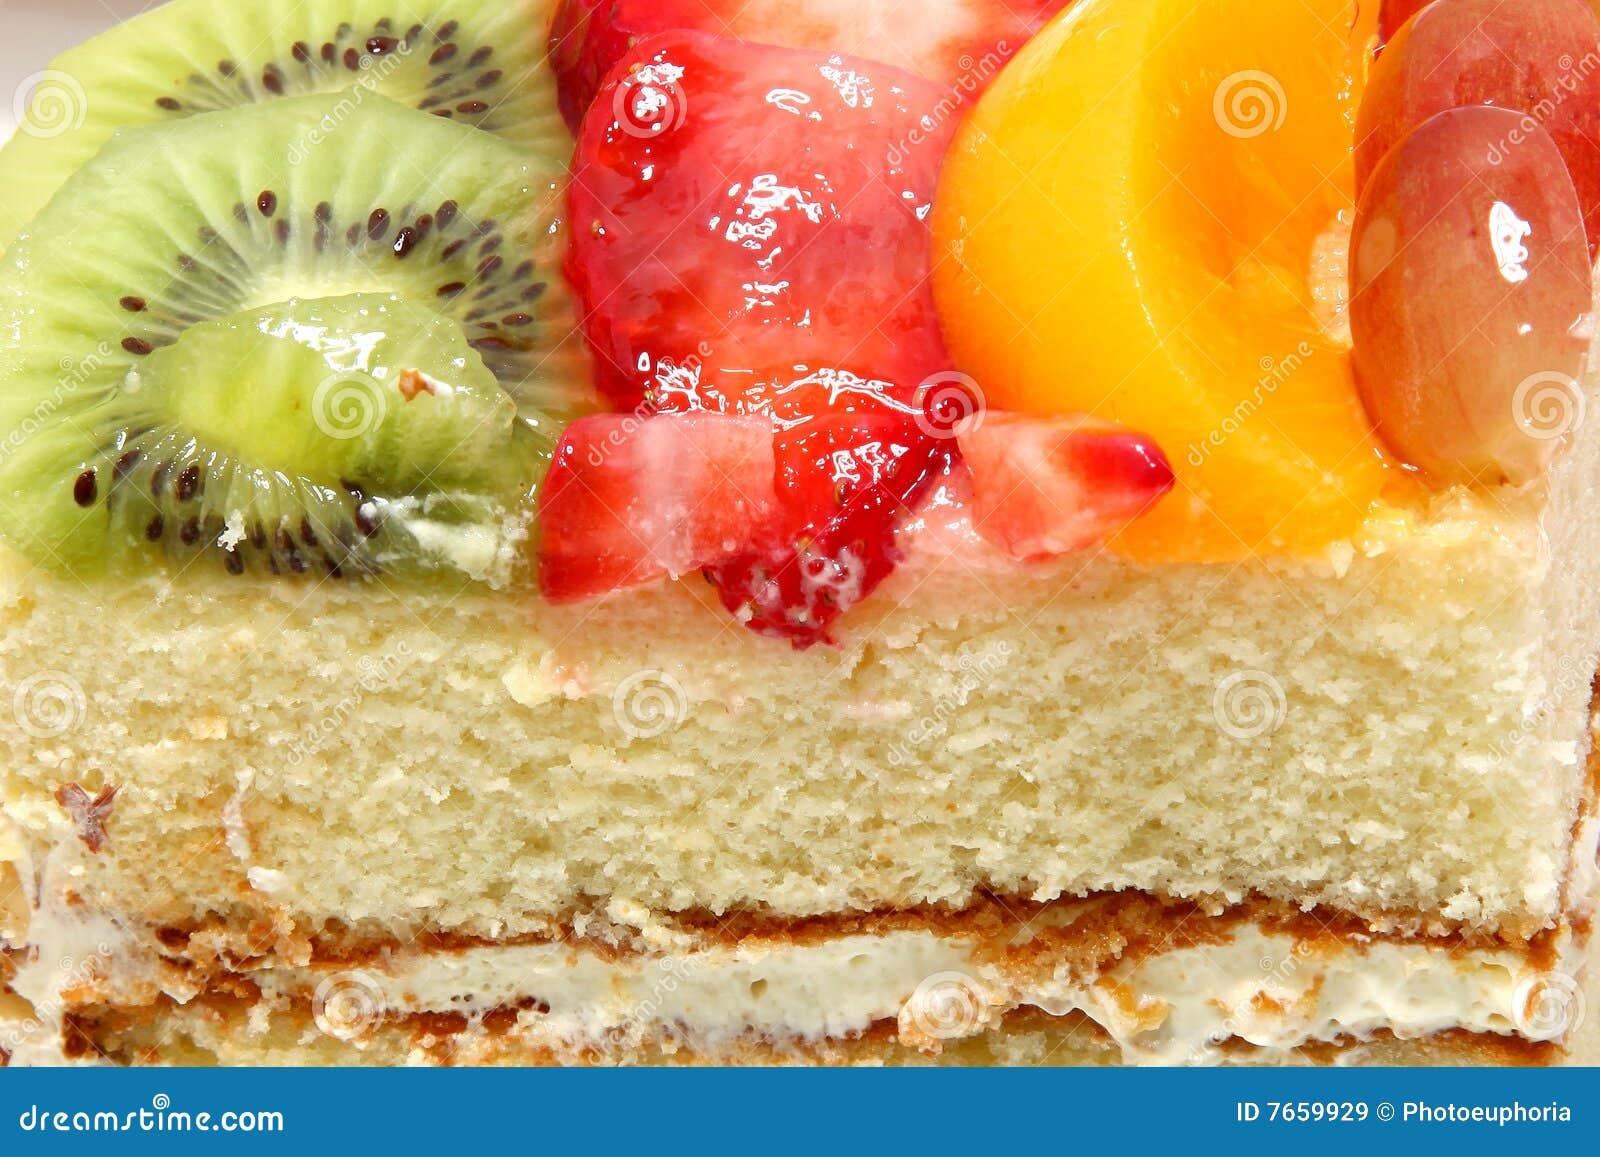 Glazed Fresh Fruit Cake